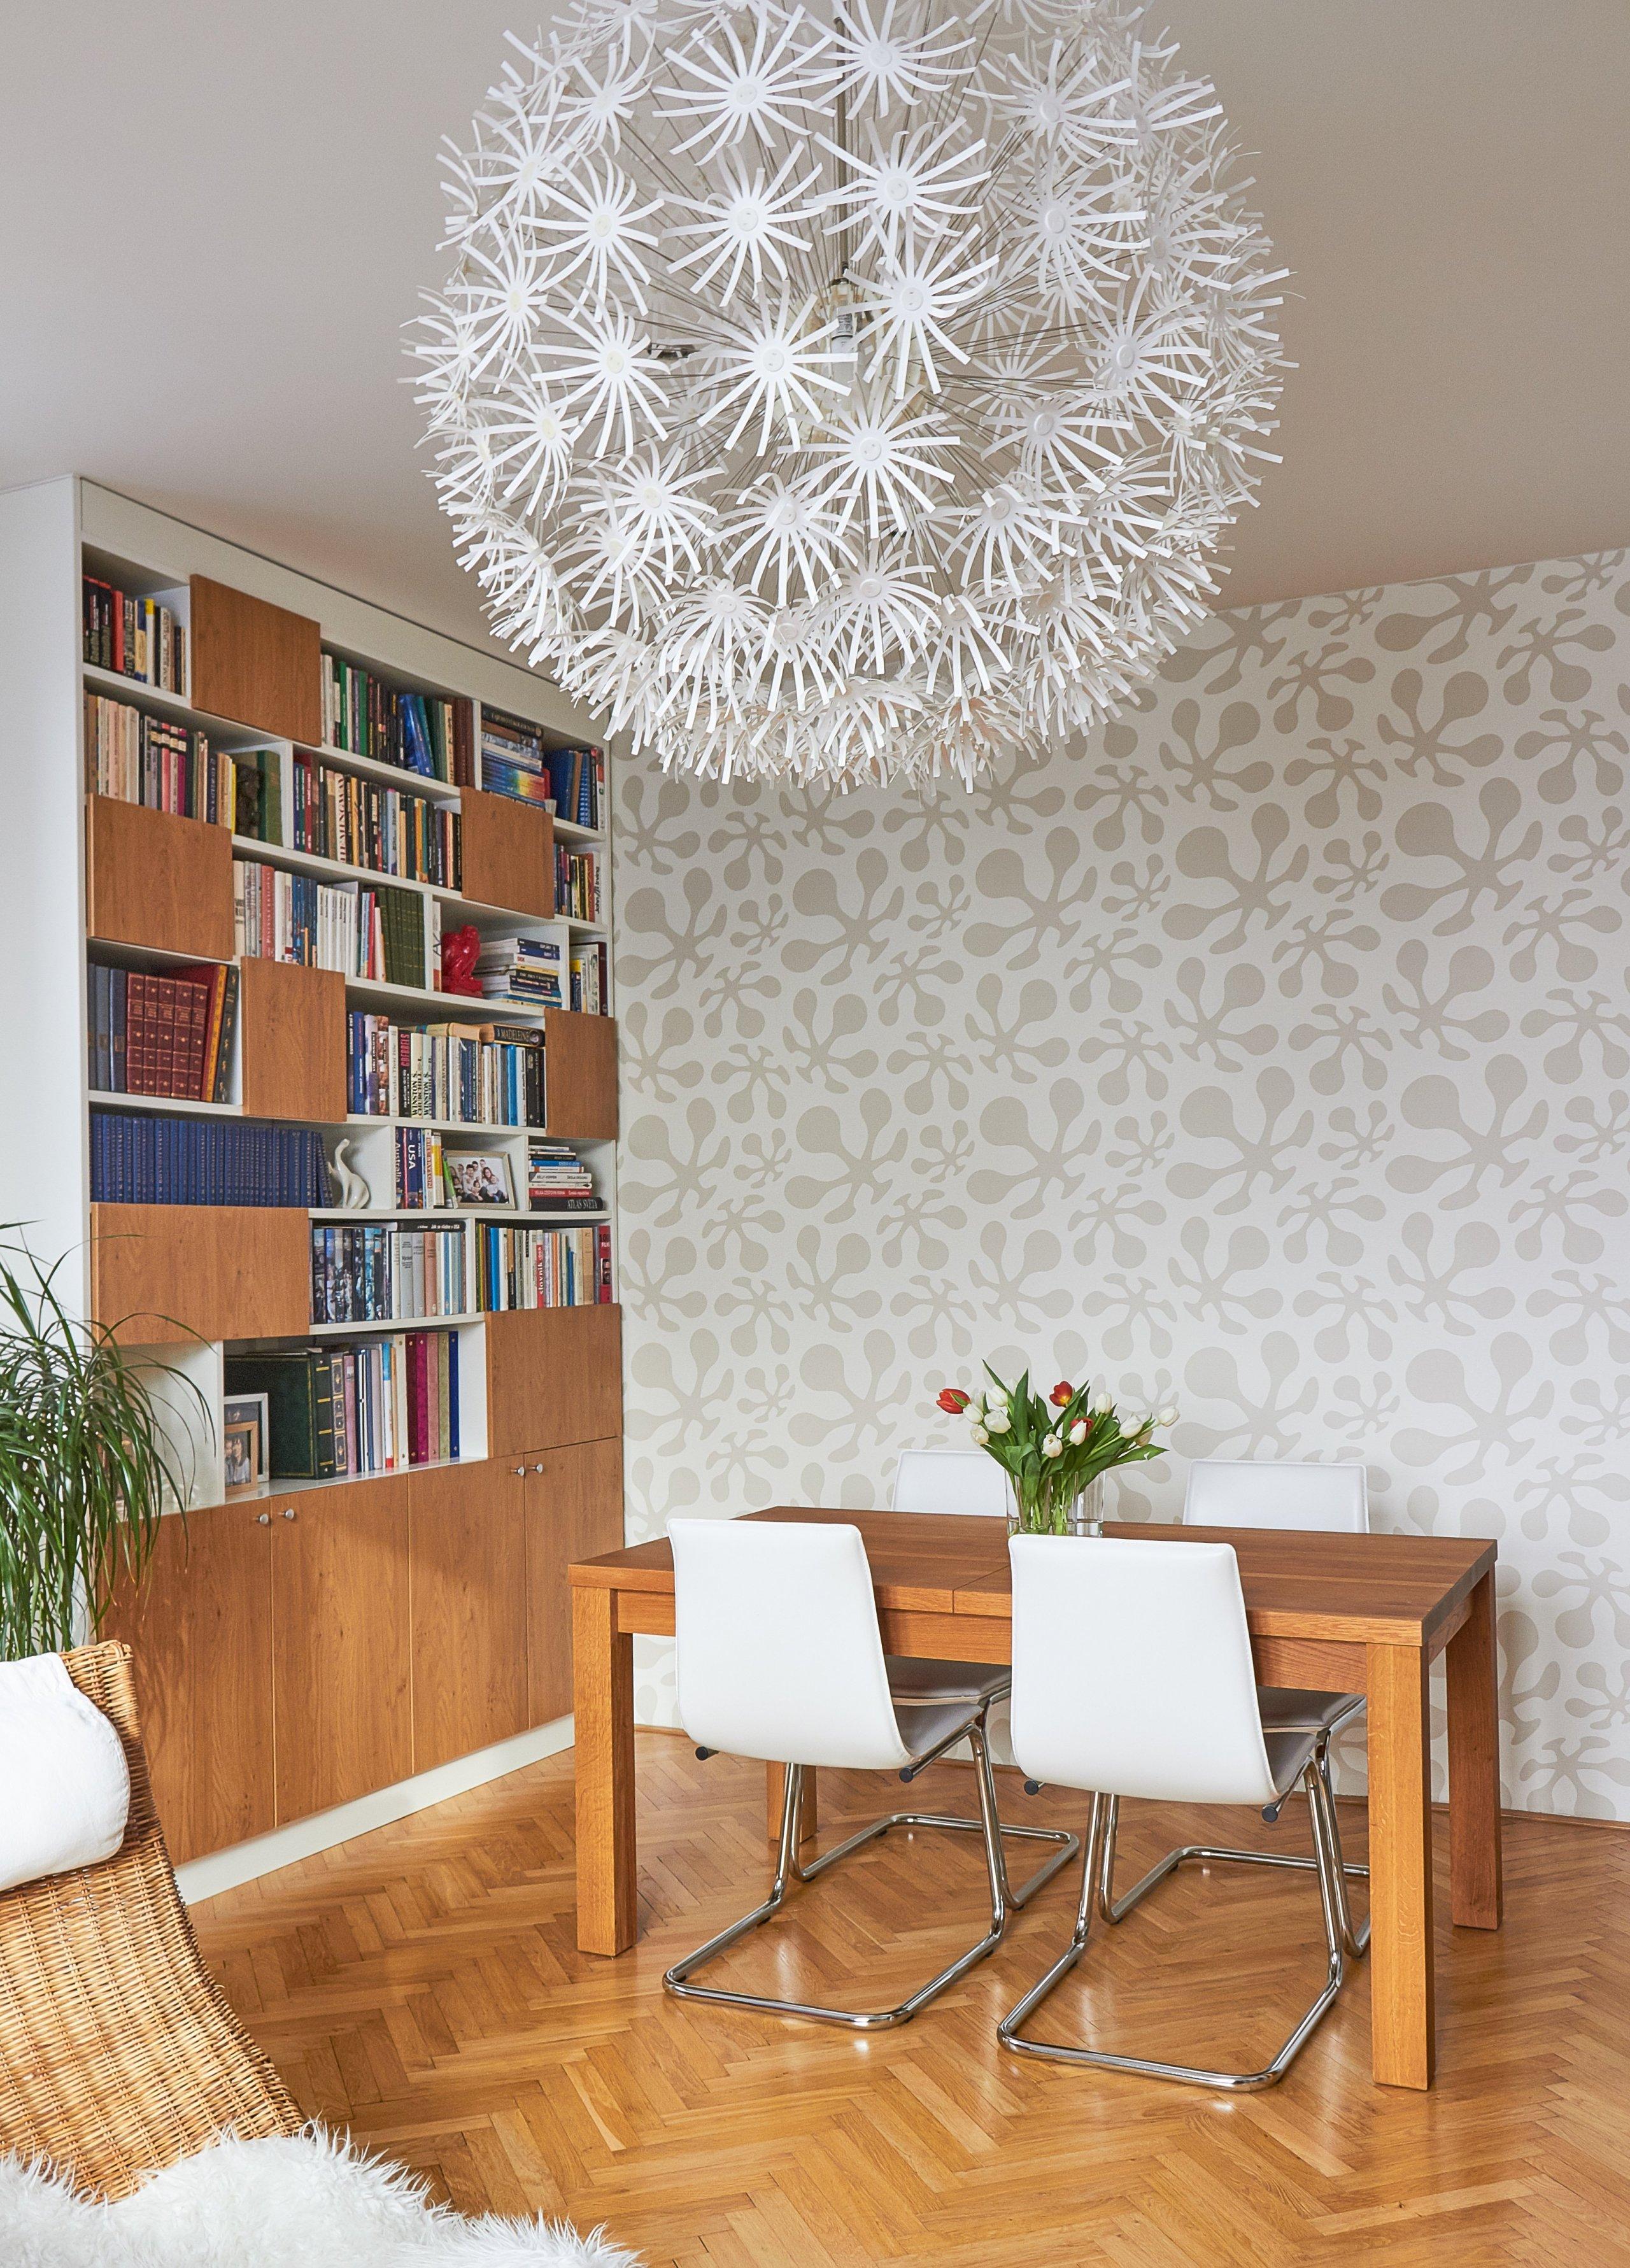 V celém bytě se objevují prvky retro stylu a kombinace nového se starým. Byly repasovány původní dubové parkety a dveře. Kuchyňská linka je tvořena v odstínu…